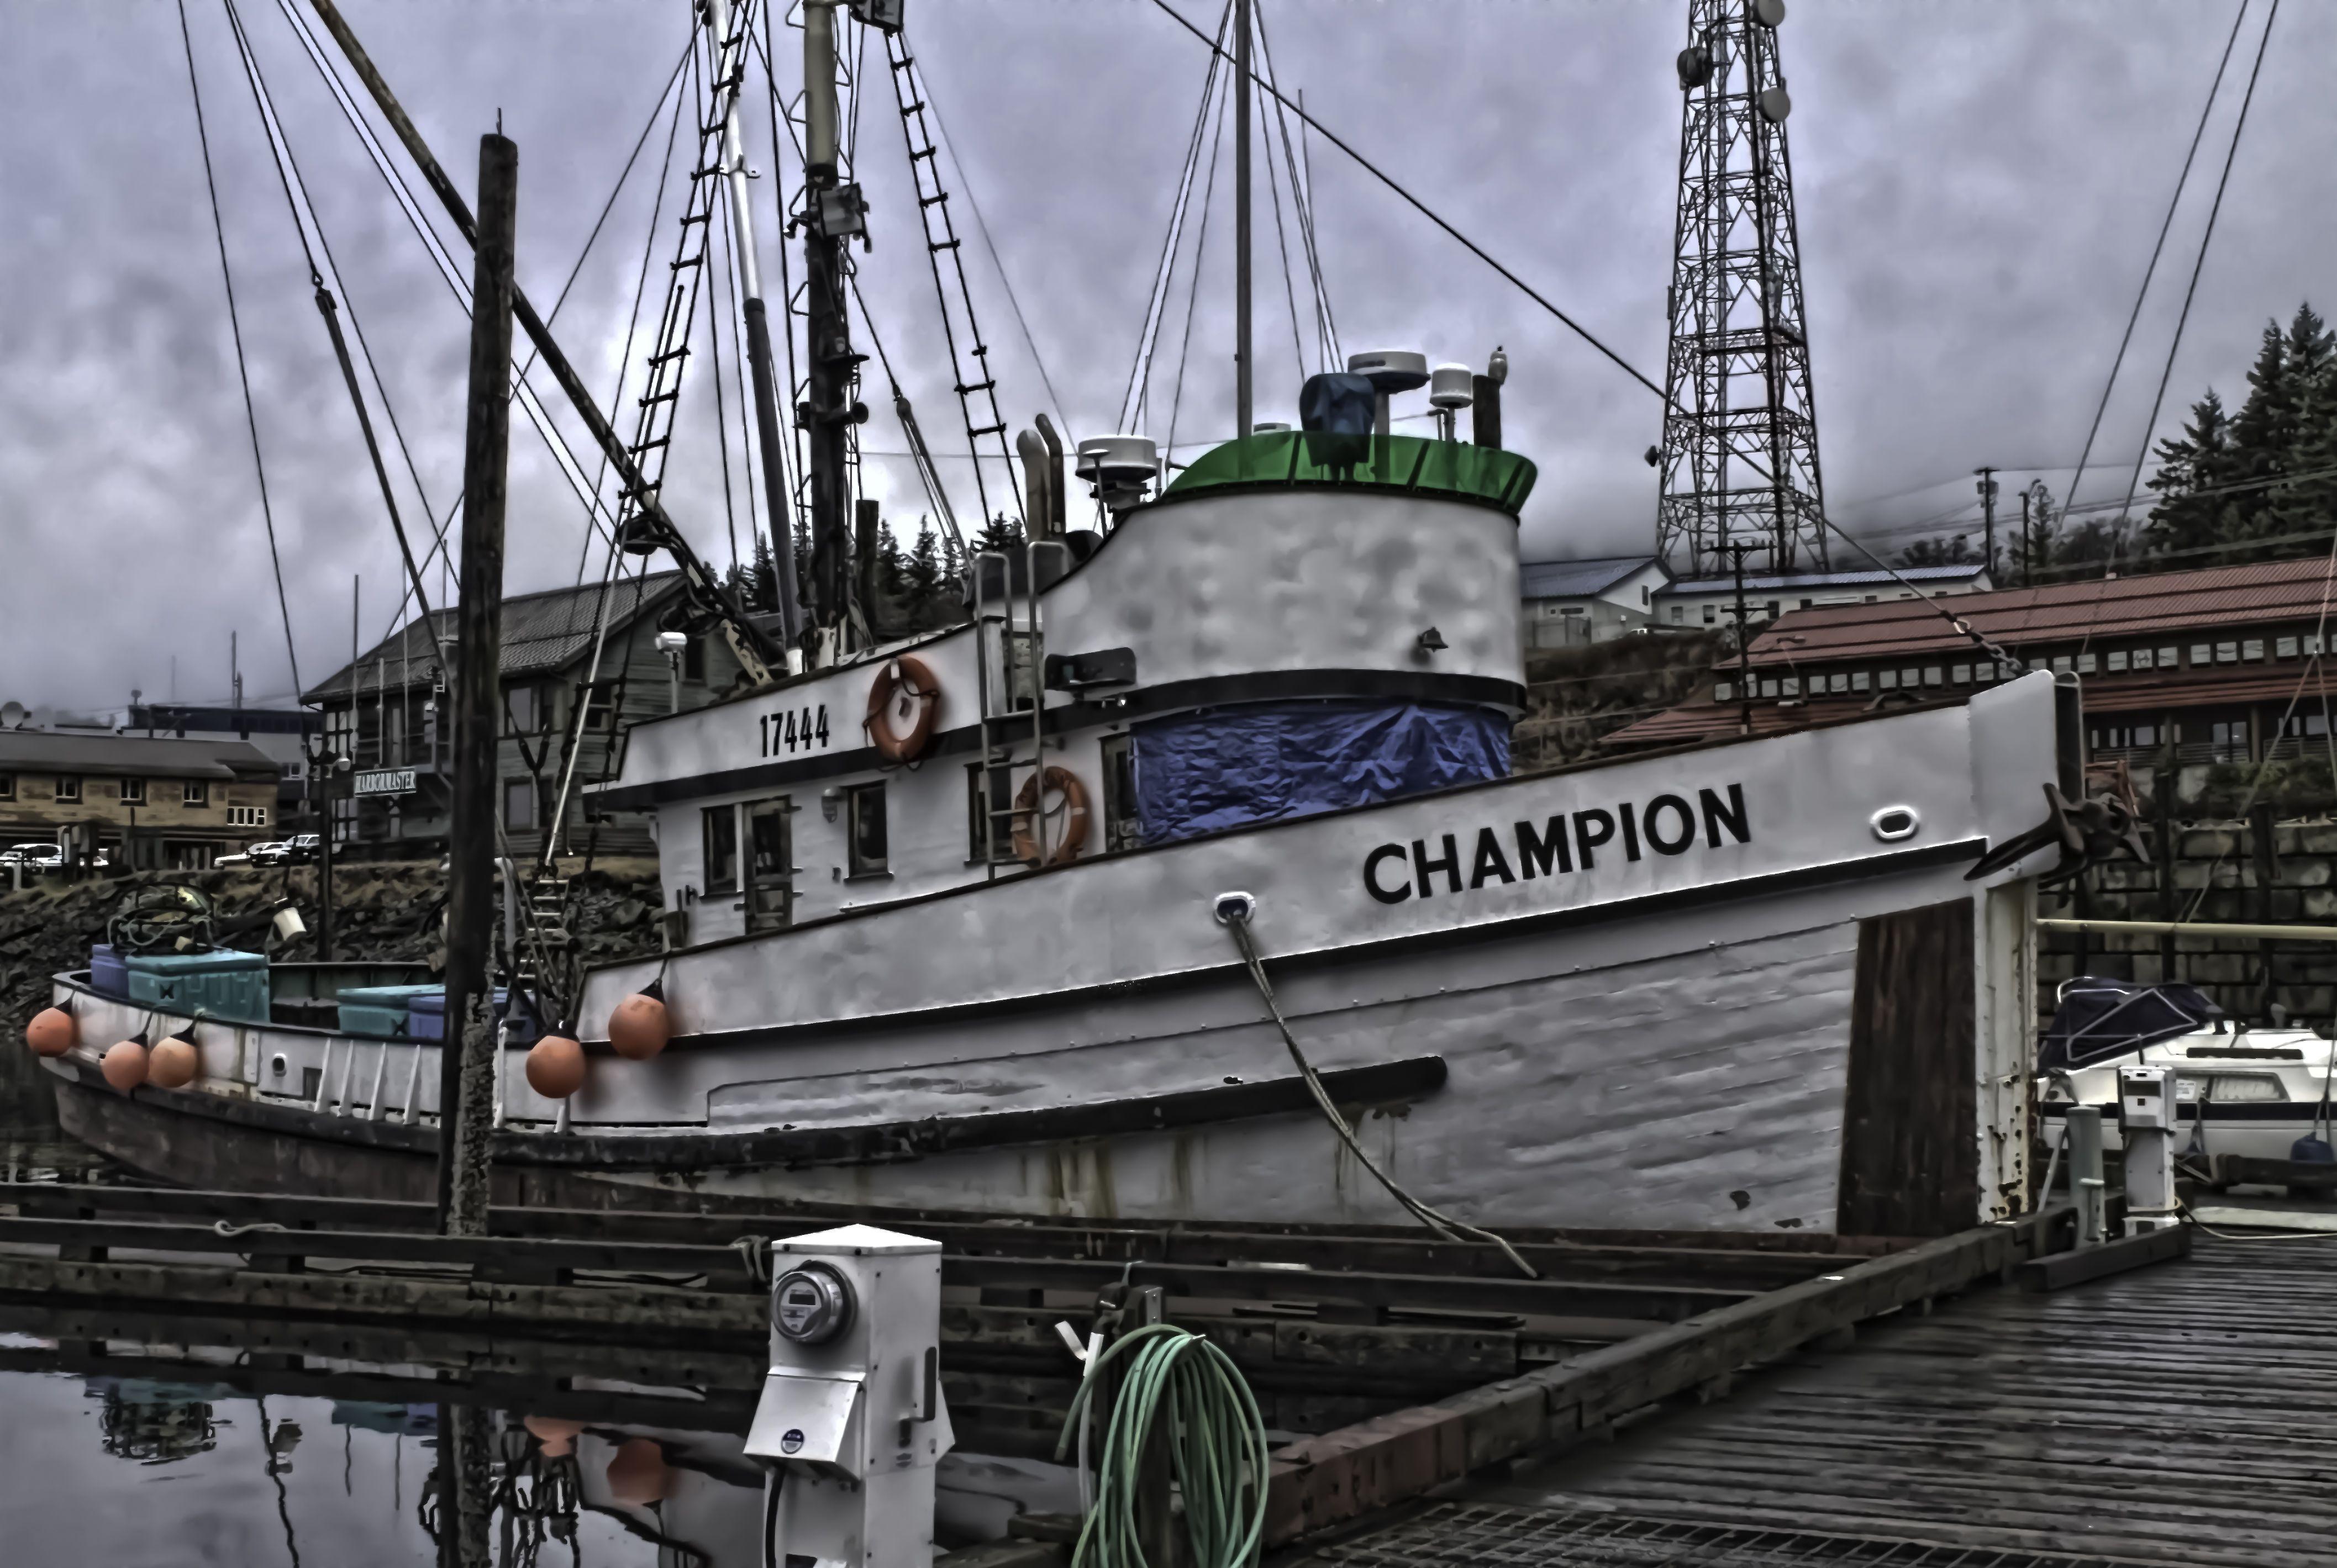 FV Champion Boat, Marina bay sands, Marina bay